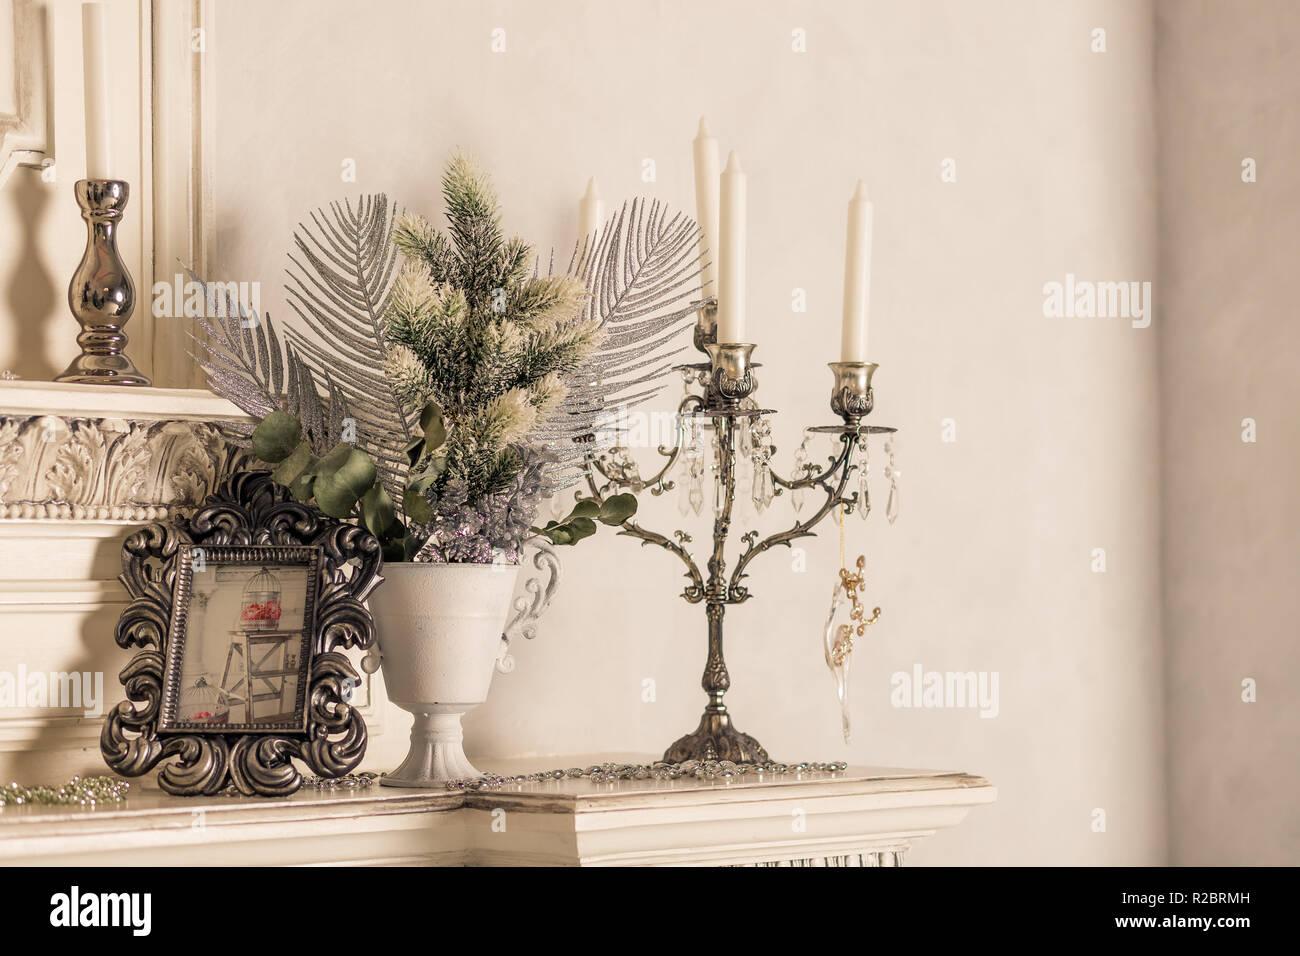 Weihnachten Dekoration mit Kerzen im Regal, weiße Wand ...